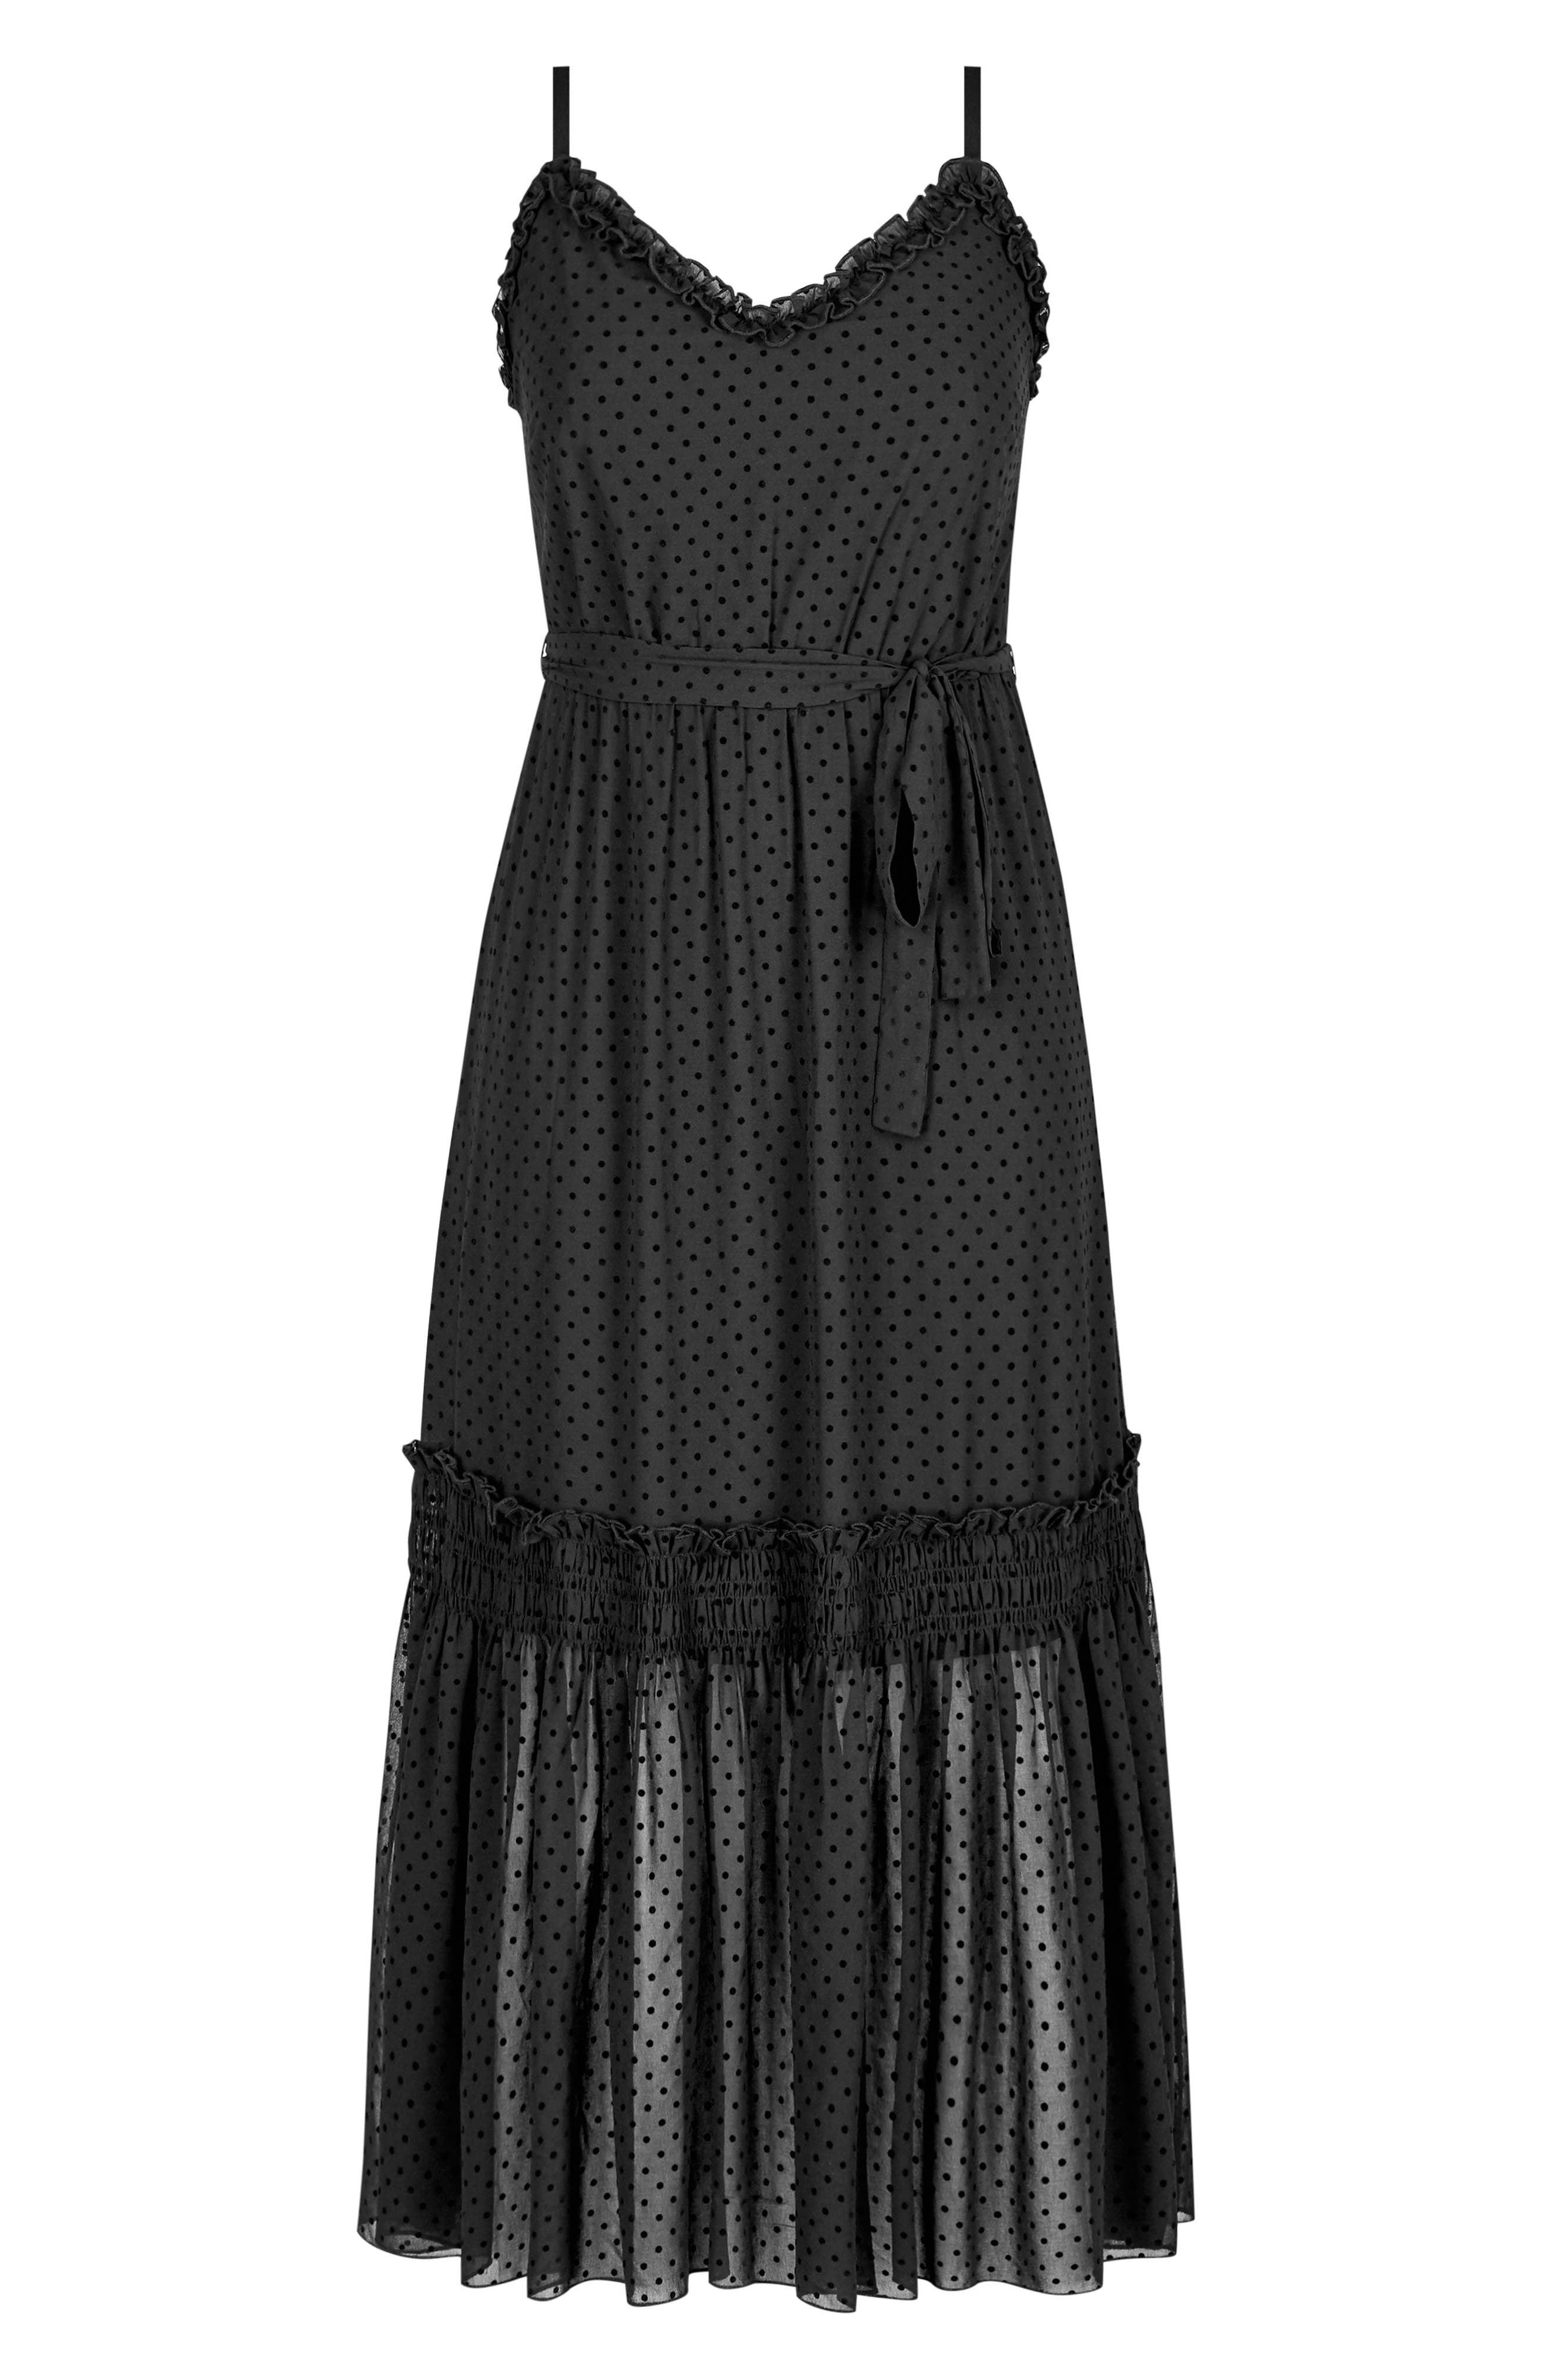 Flocked Spot Maxi Dress,                             Alternate thumbnail 3, color,                             BLACK SPOT